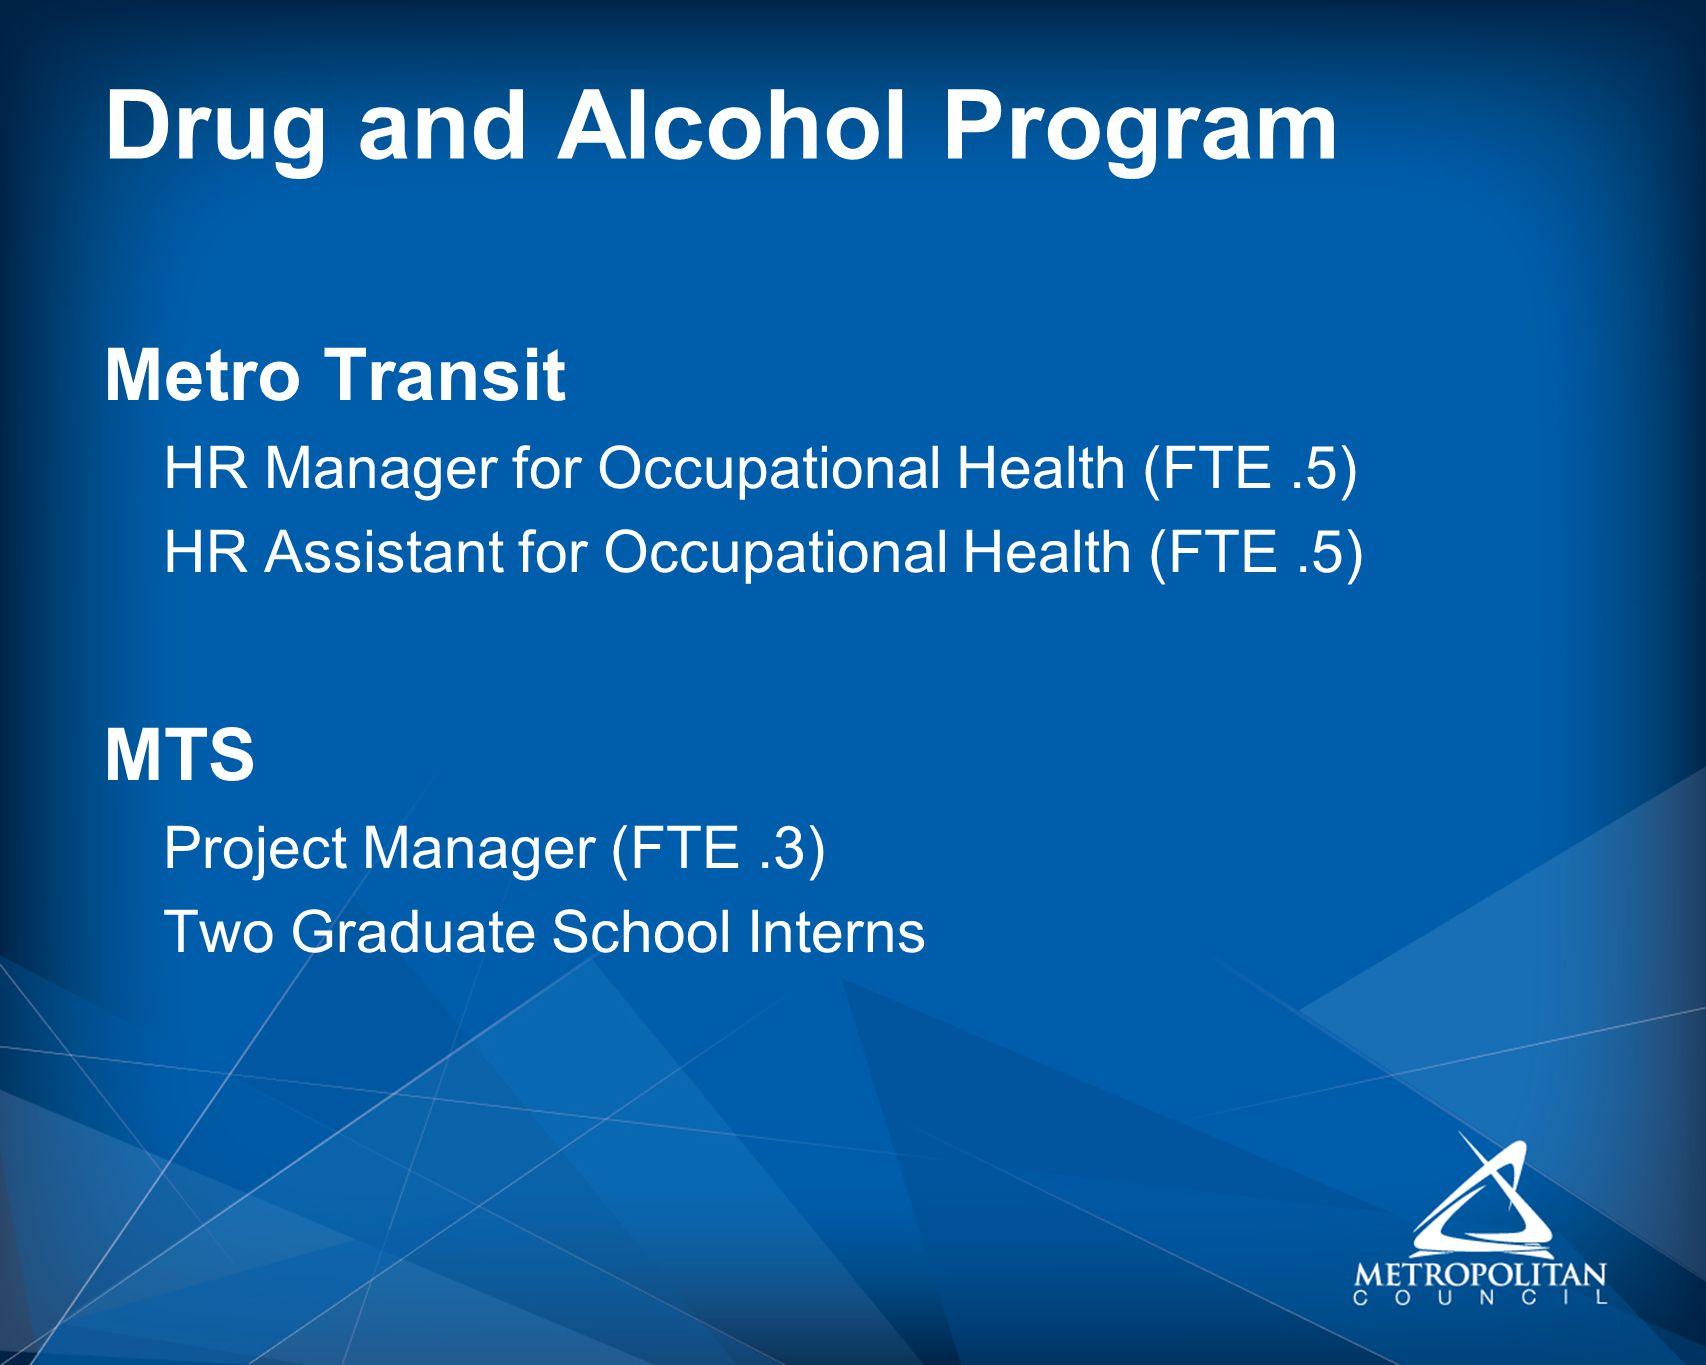 Drug and Alcohol Program